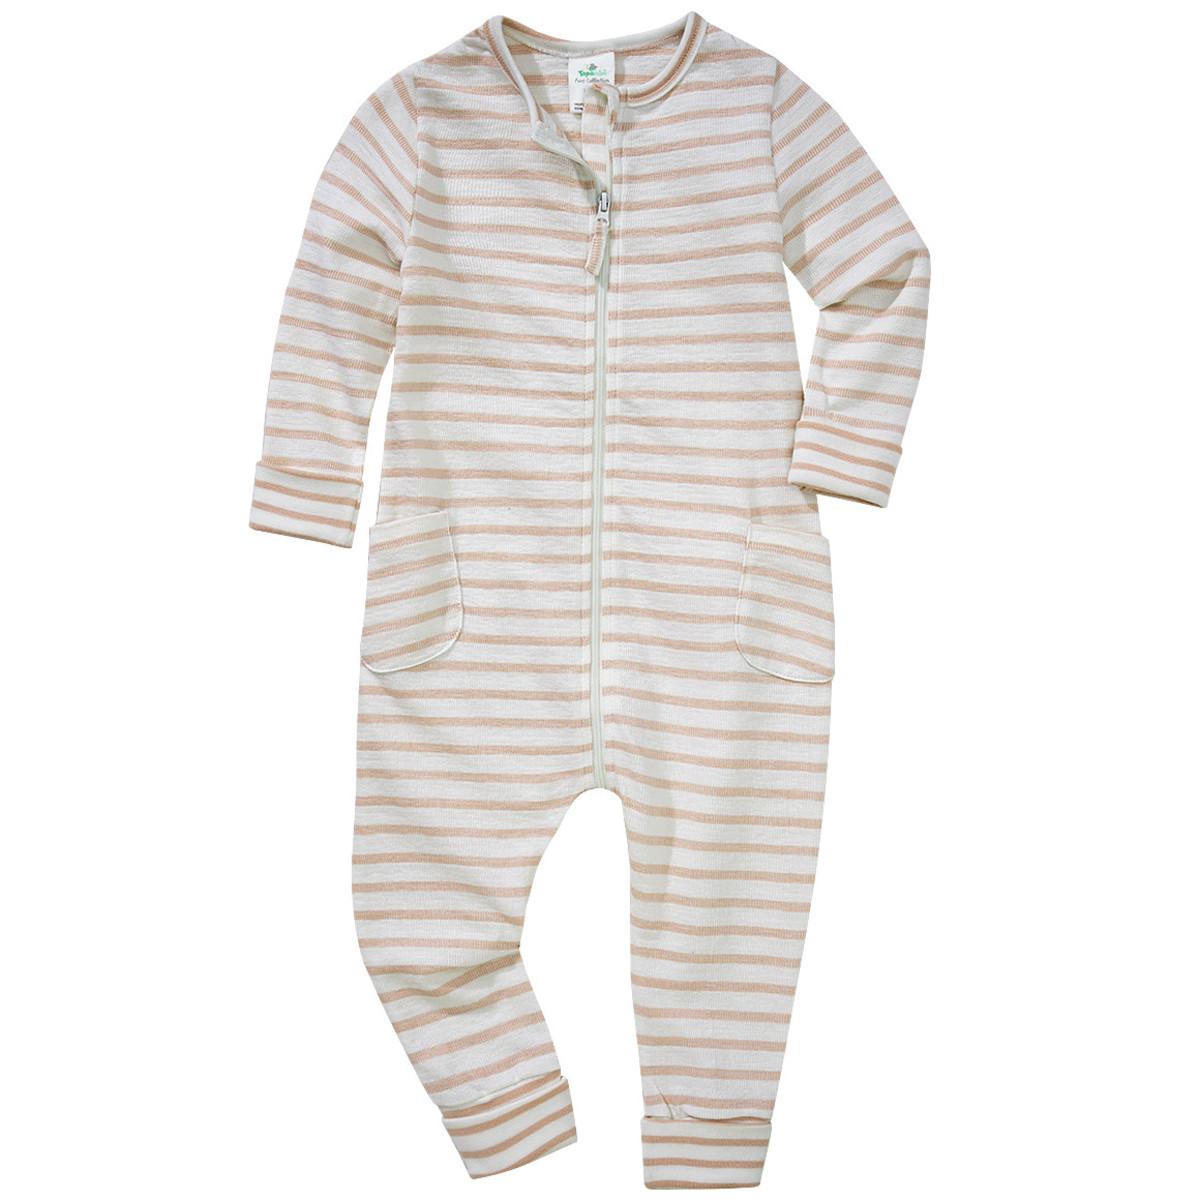 Bild 1 von Baby Schlafanzug im Streifen-Design